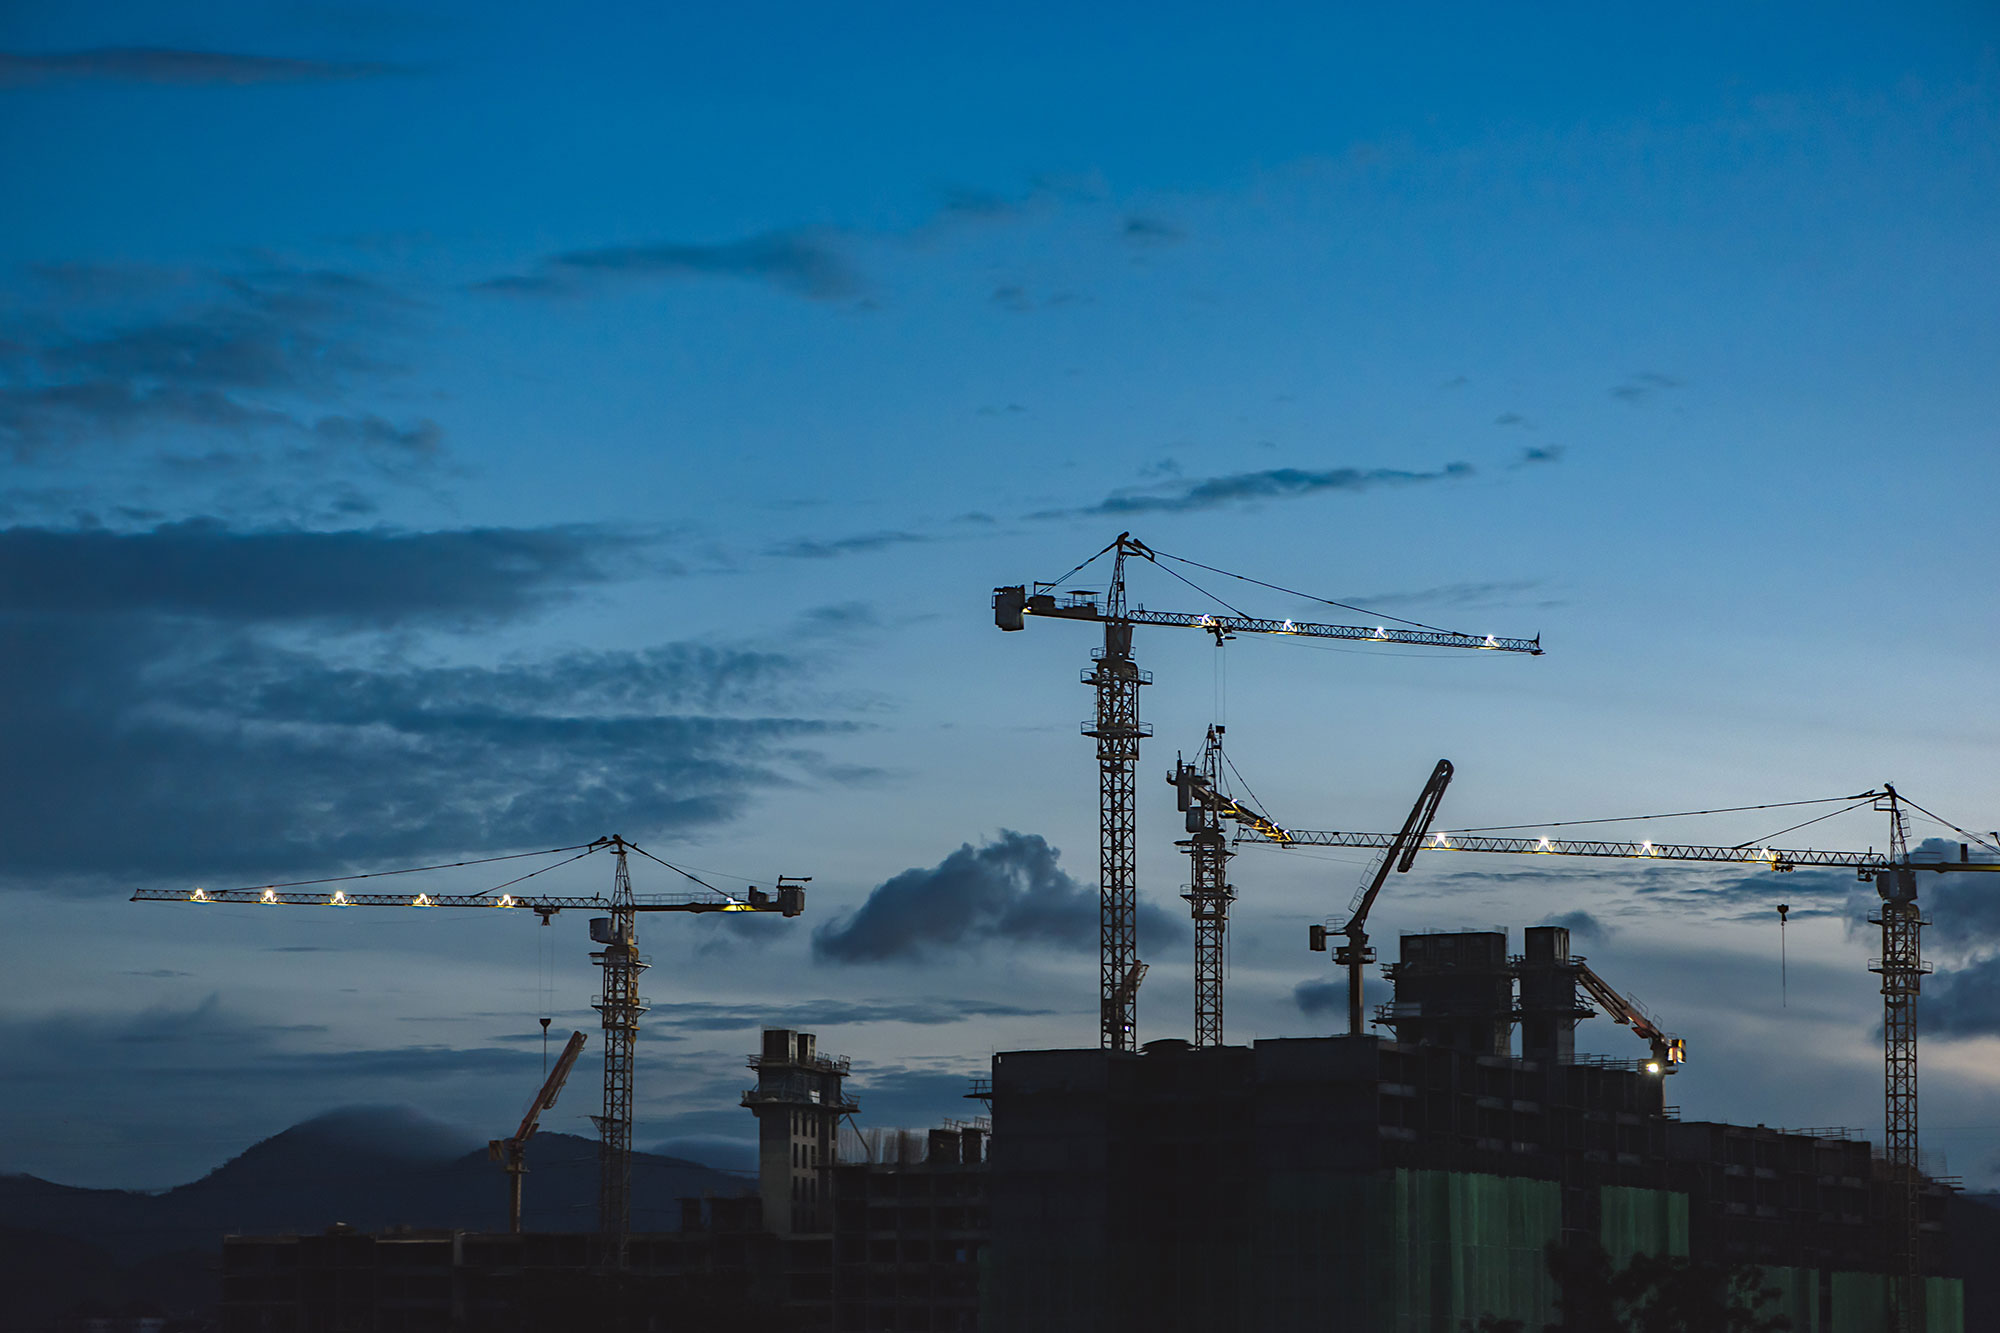 Skyline-cranes